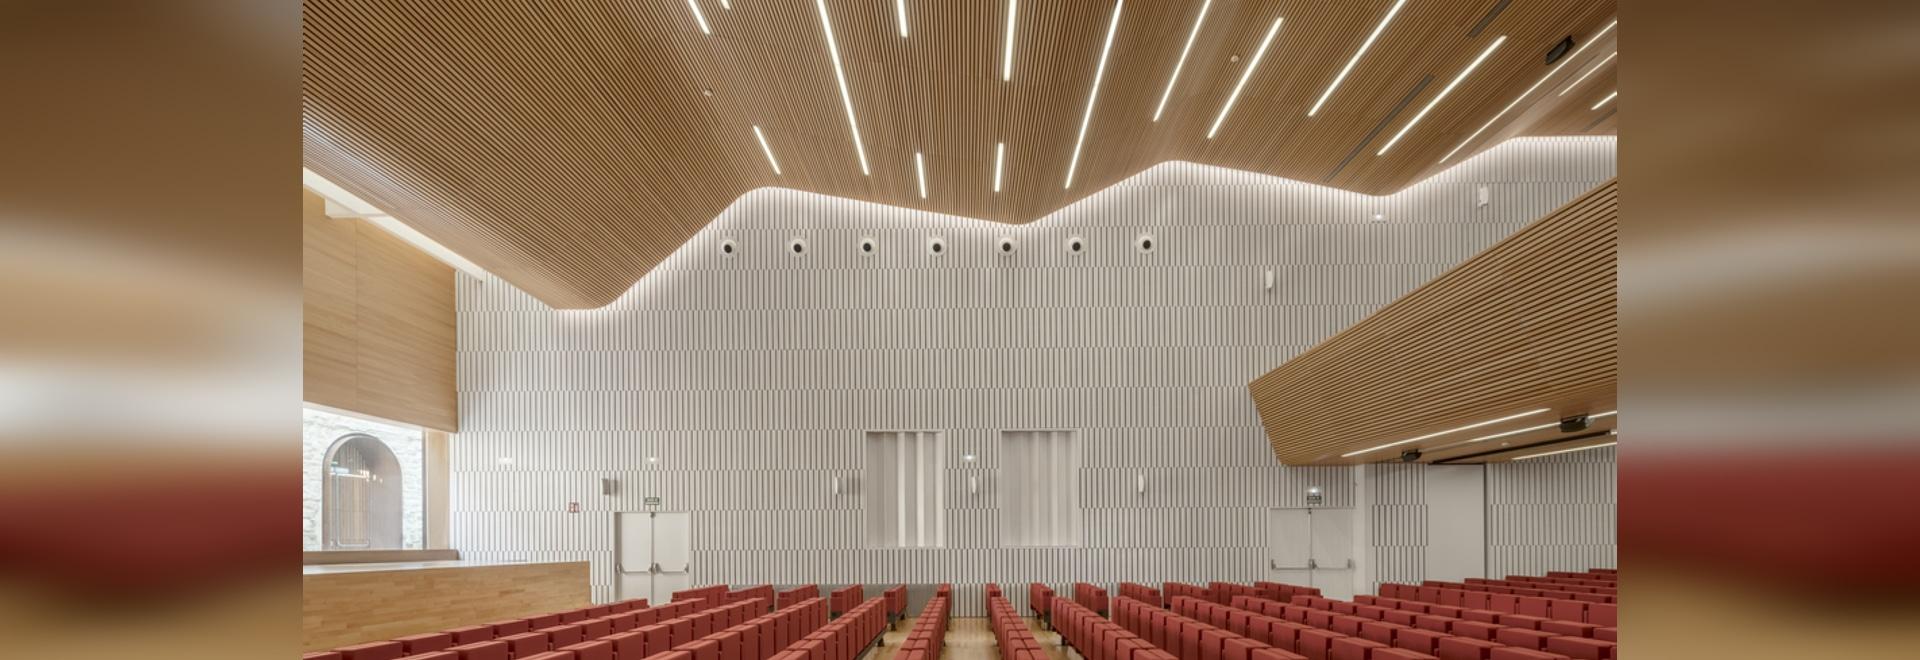 Rehabilitación del Centro de Congresos de Córdoba / LAP Arquitectos Asociados